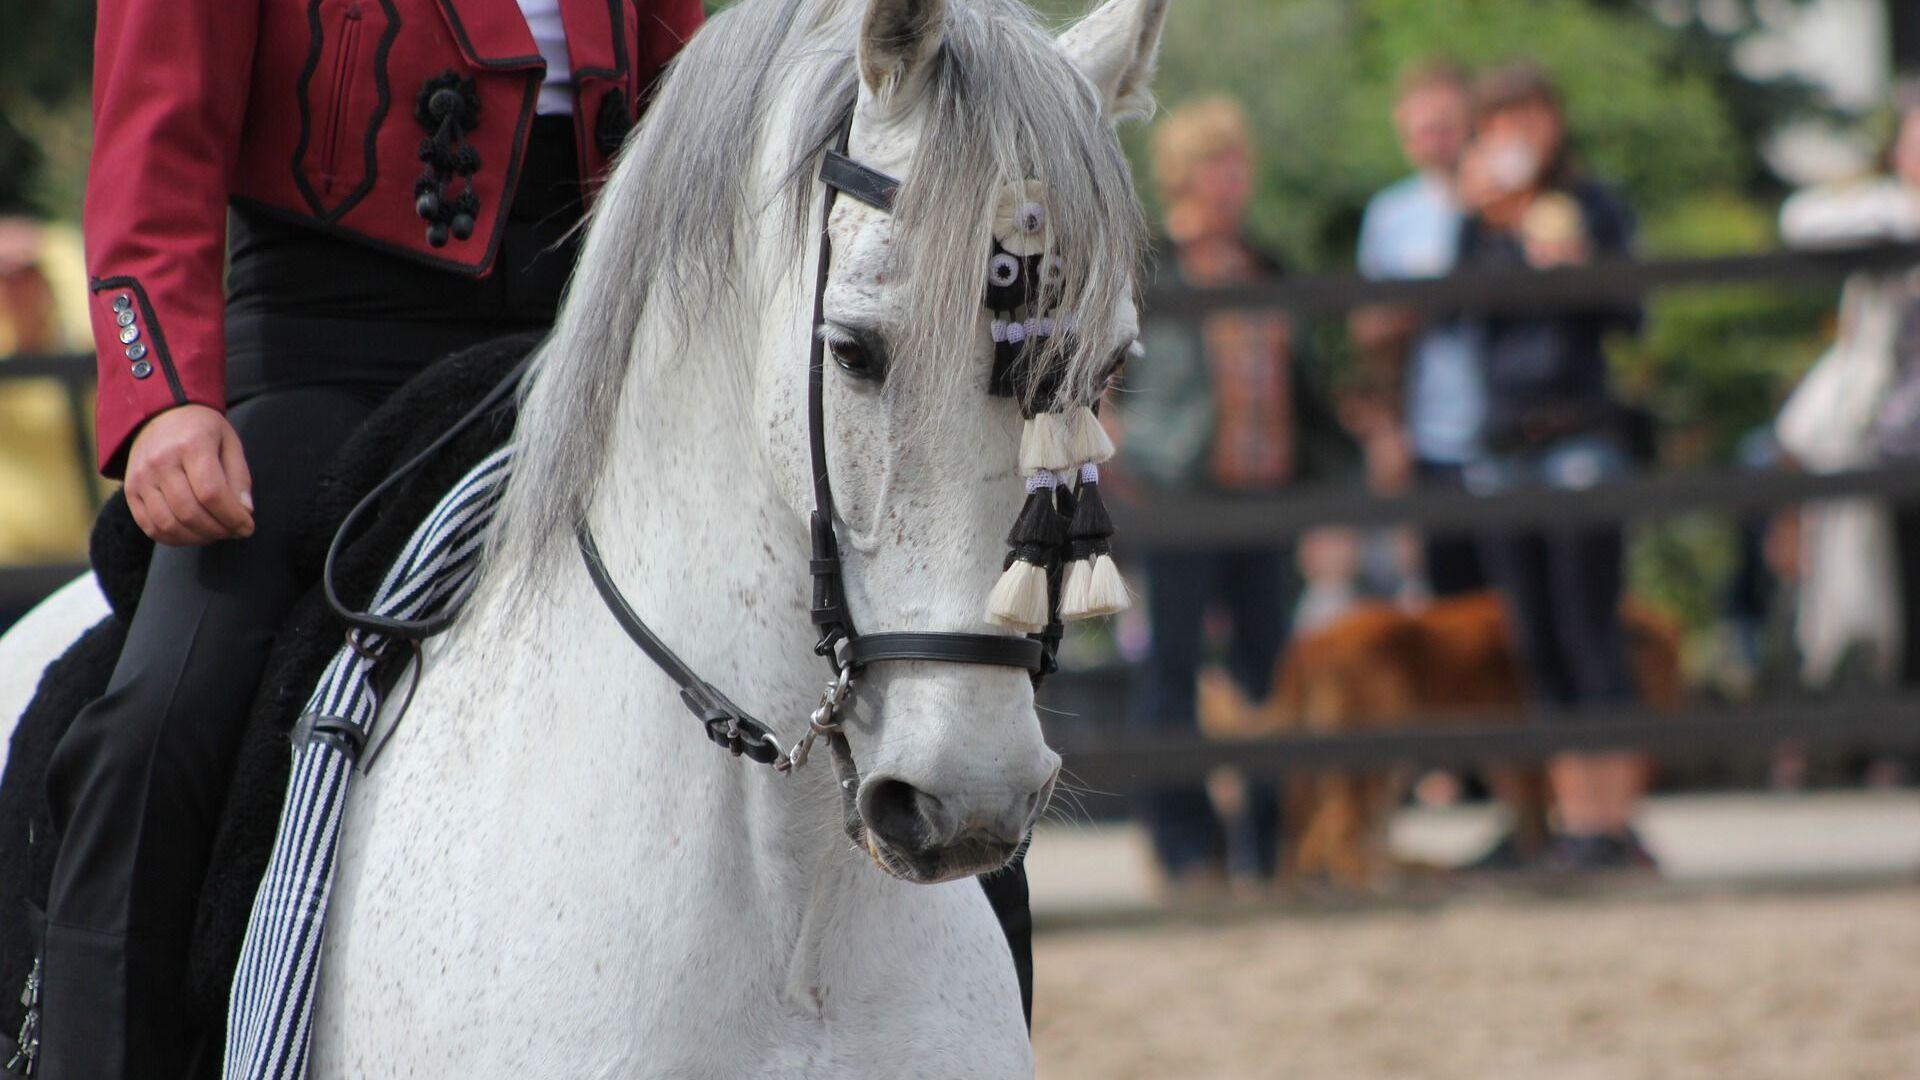 caballo andaluz PRE - Sputnik Mundo, 1920, 12.07.2021